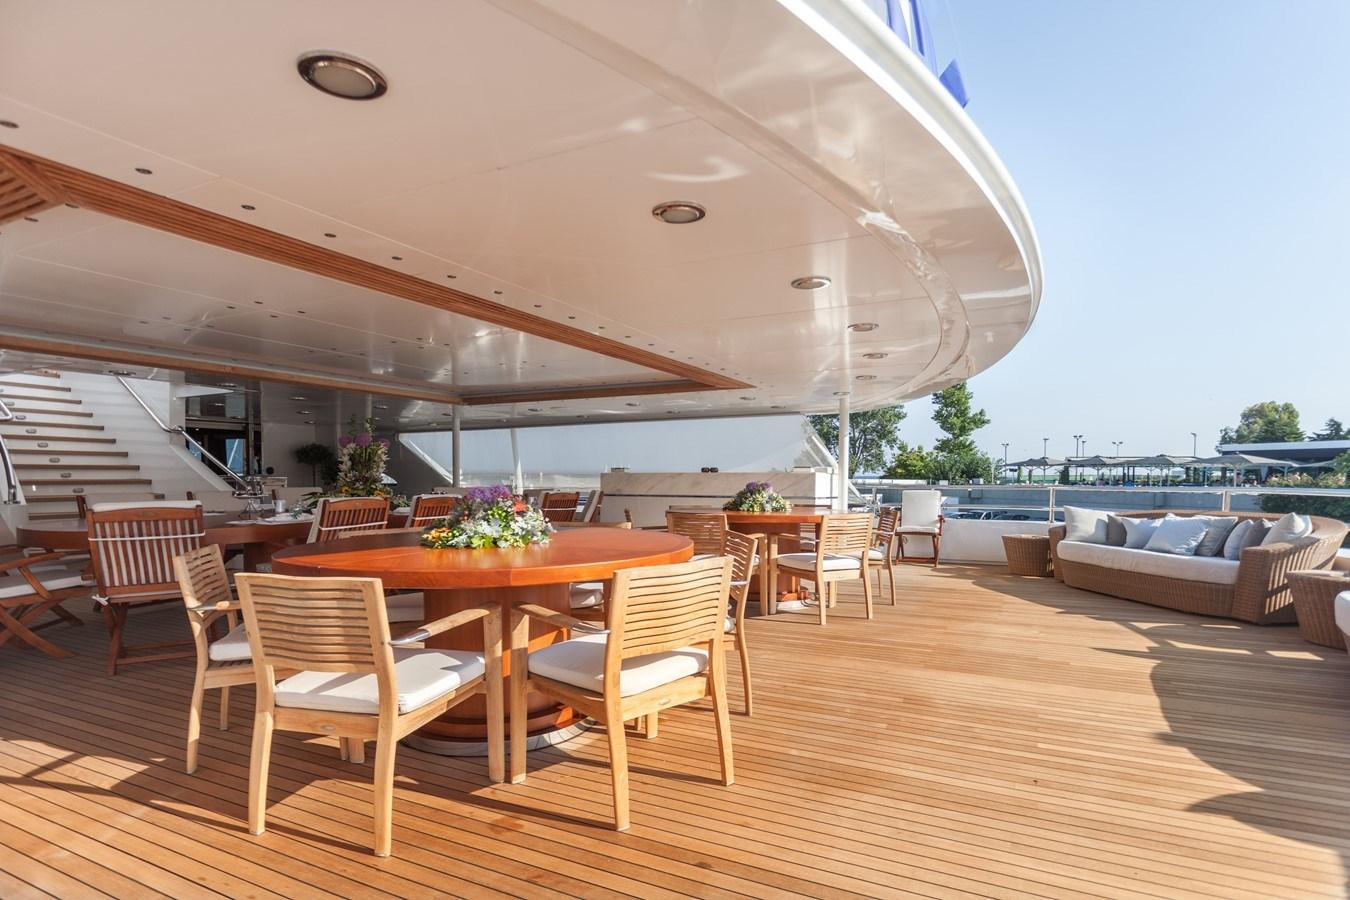 019 O'Mega_271-  aft dining large_2240883 (1) 2004 MITSUBISHI  Mega Yacht 2919769